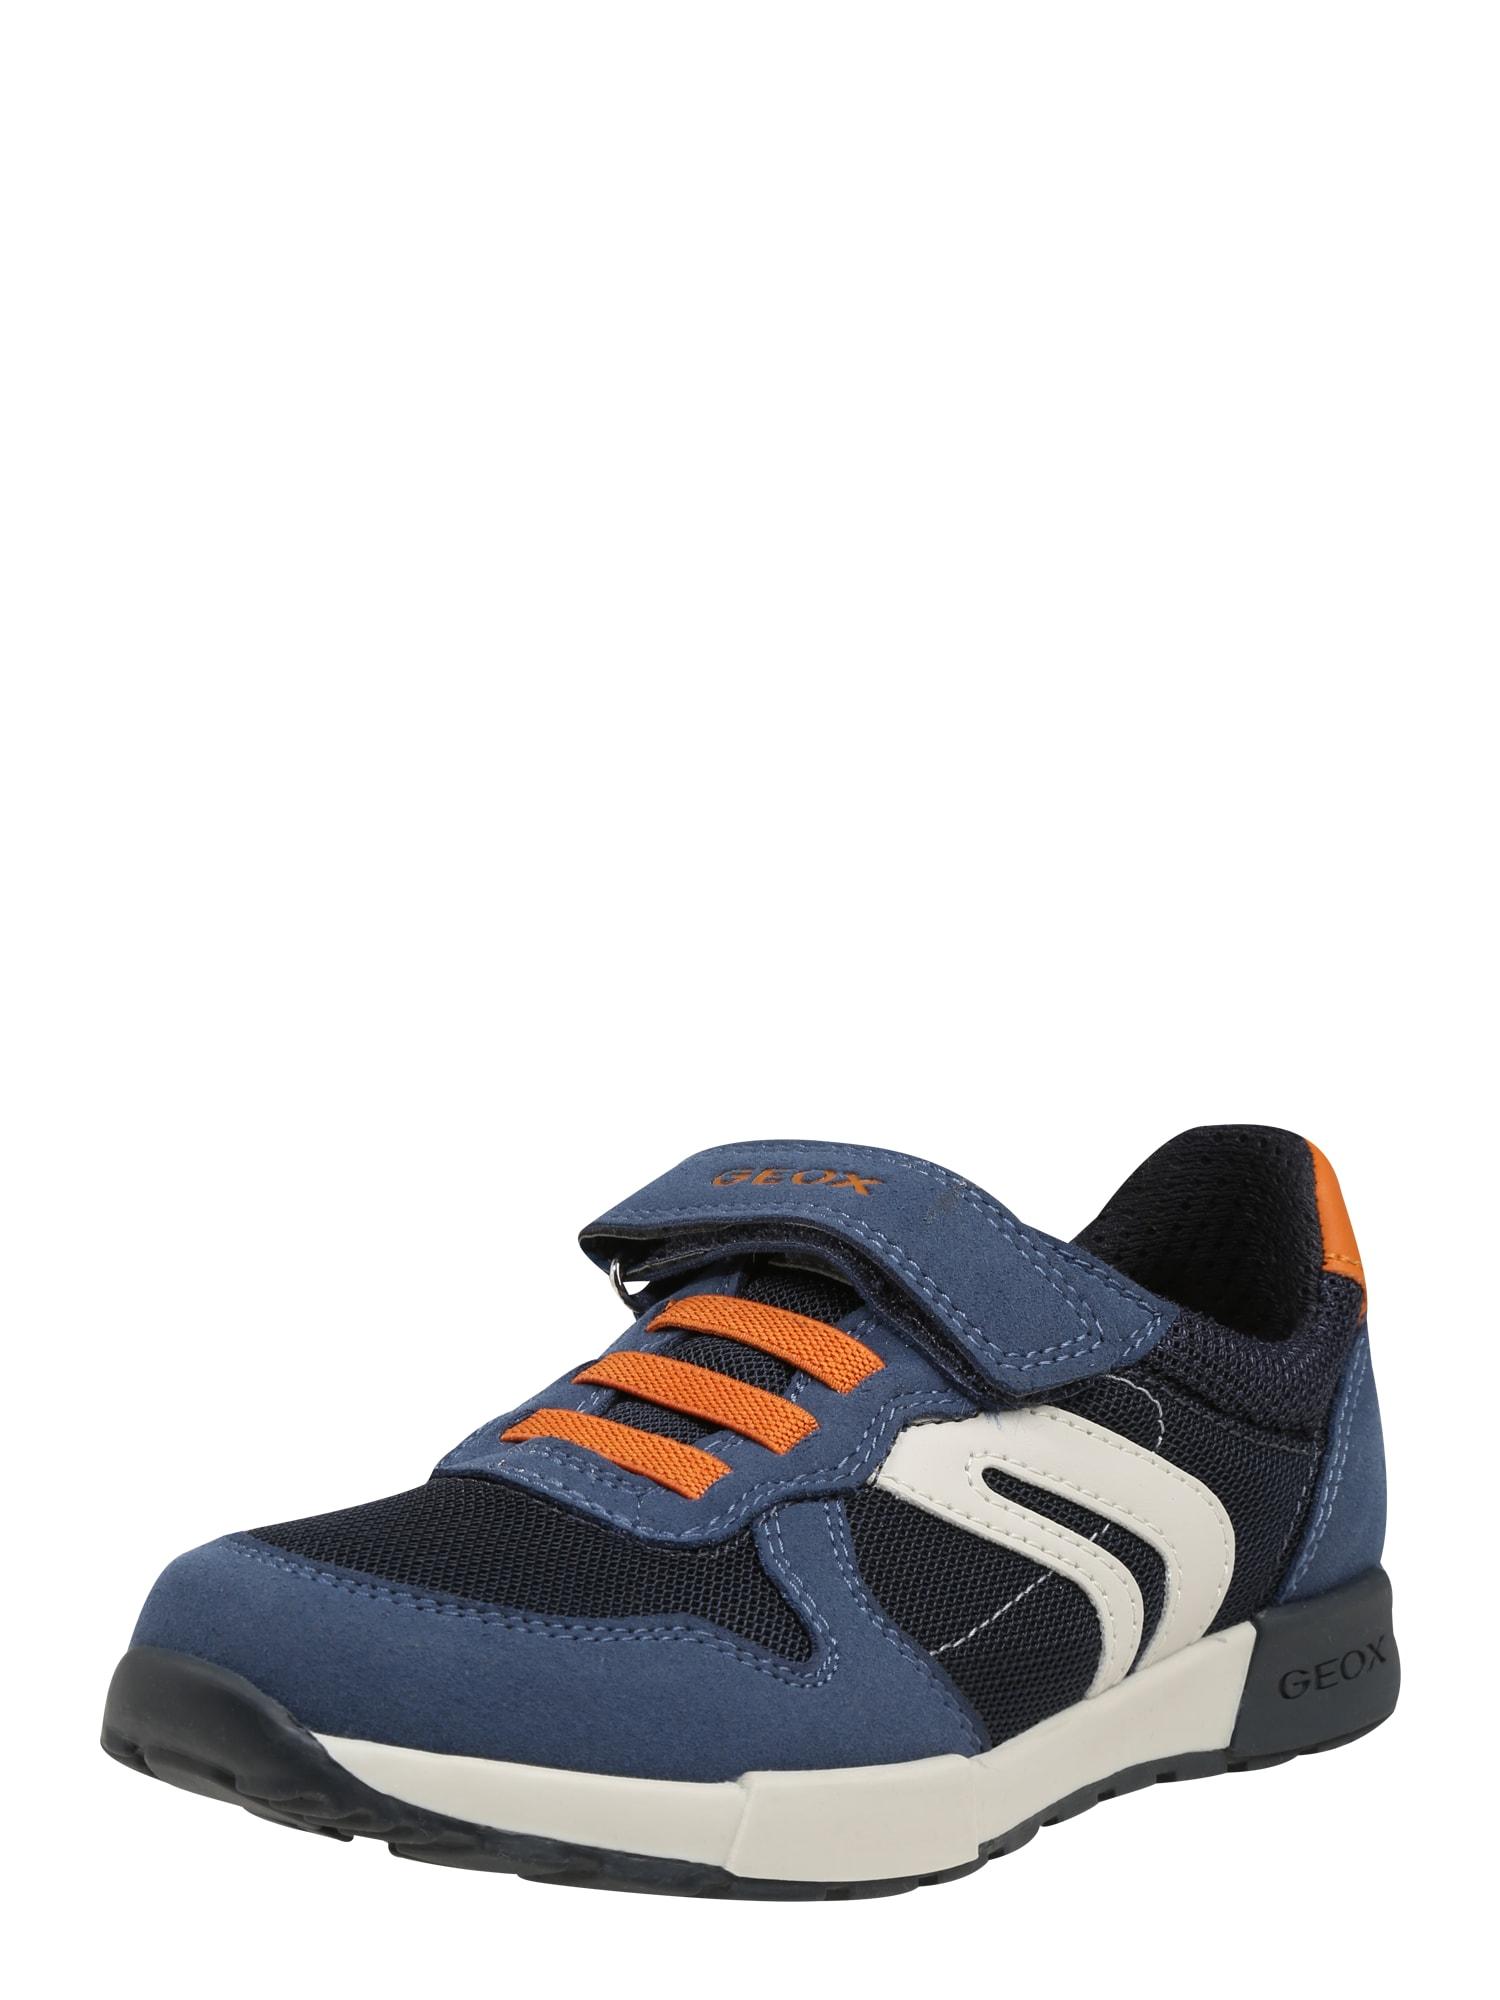 Tenisky Jr Alfier námořnická modř oranžová bílá GEOX